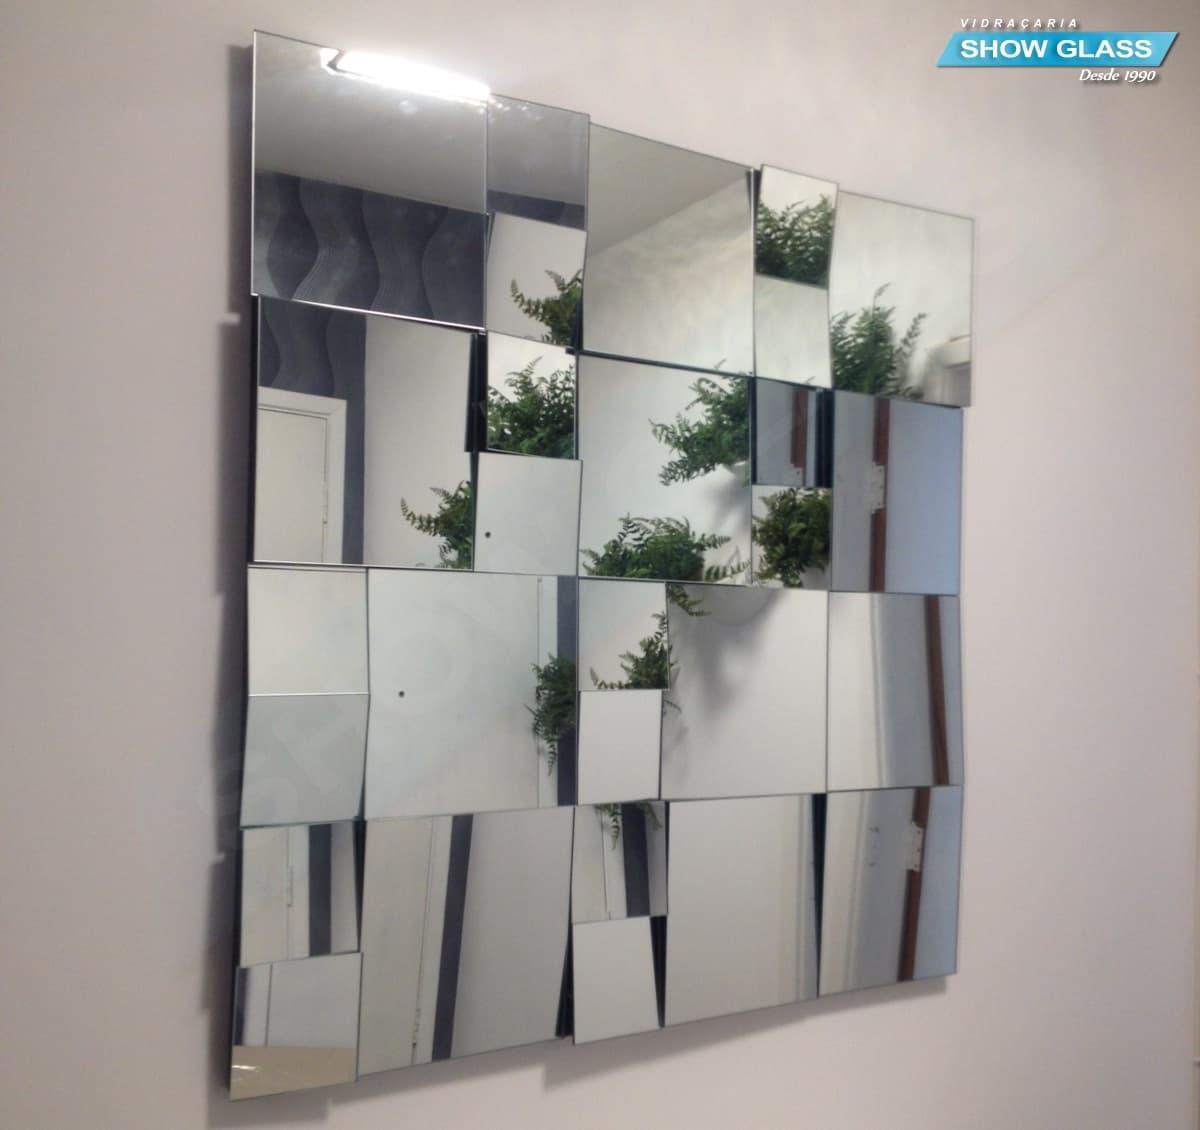 Vidraçaria Show Glass Vidros Espelhos e Molduras » Espelho  #457886 1200 1130